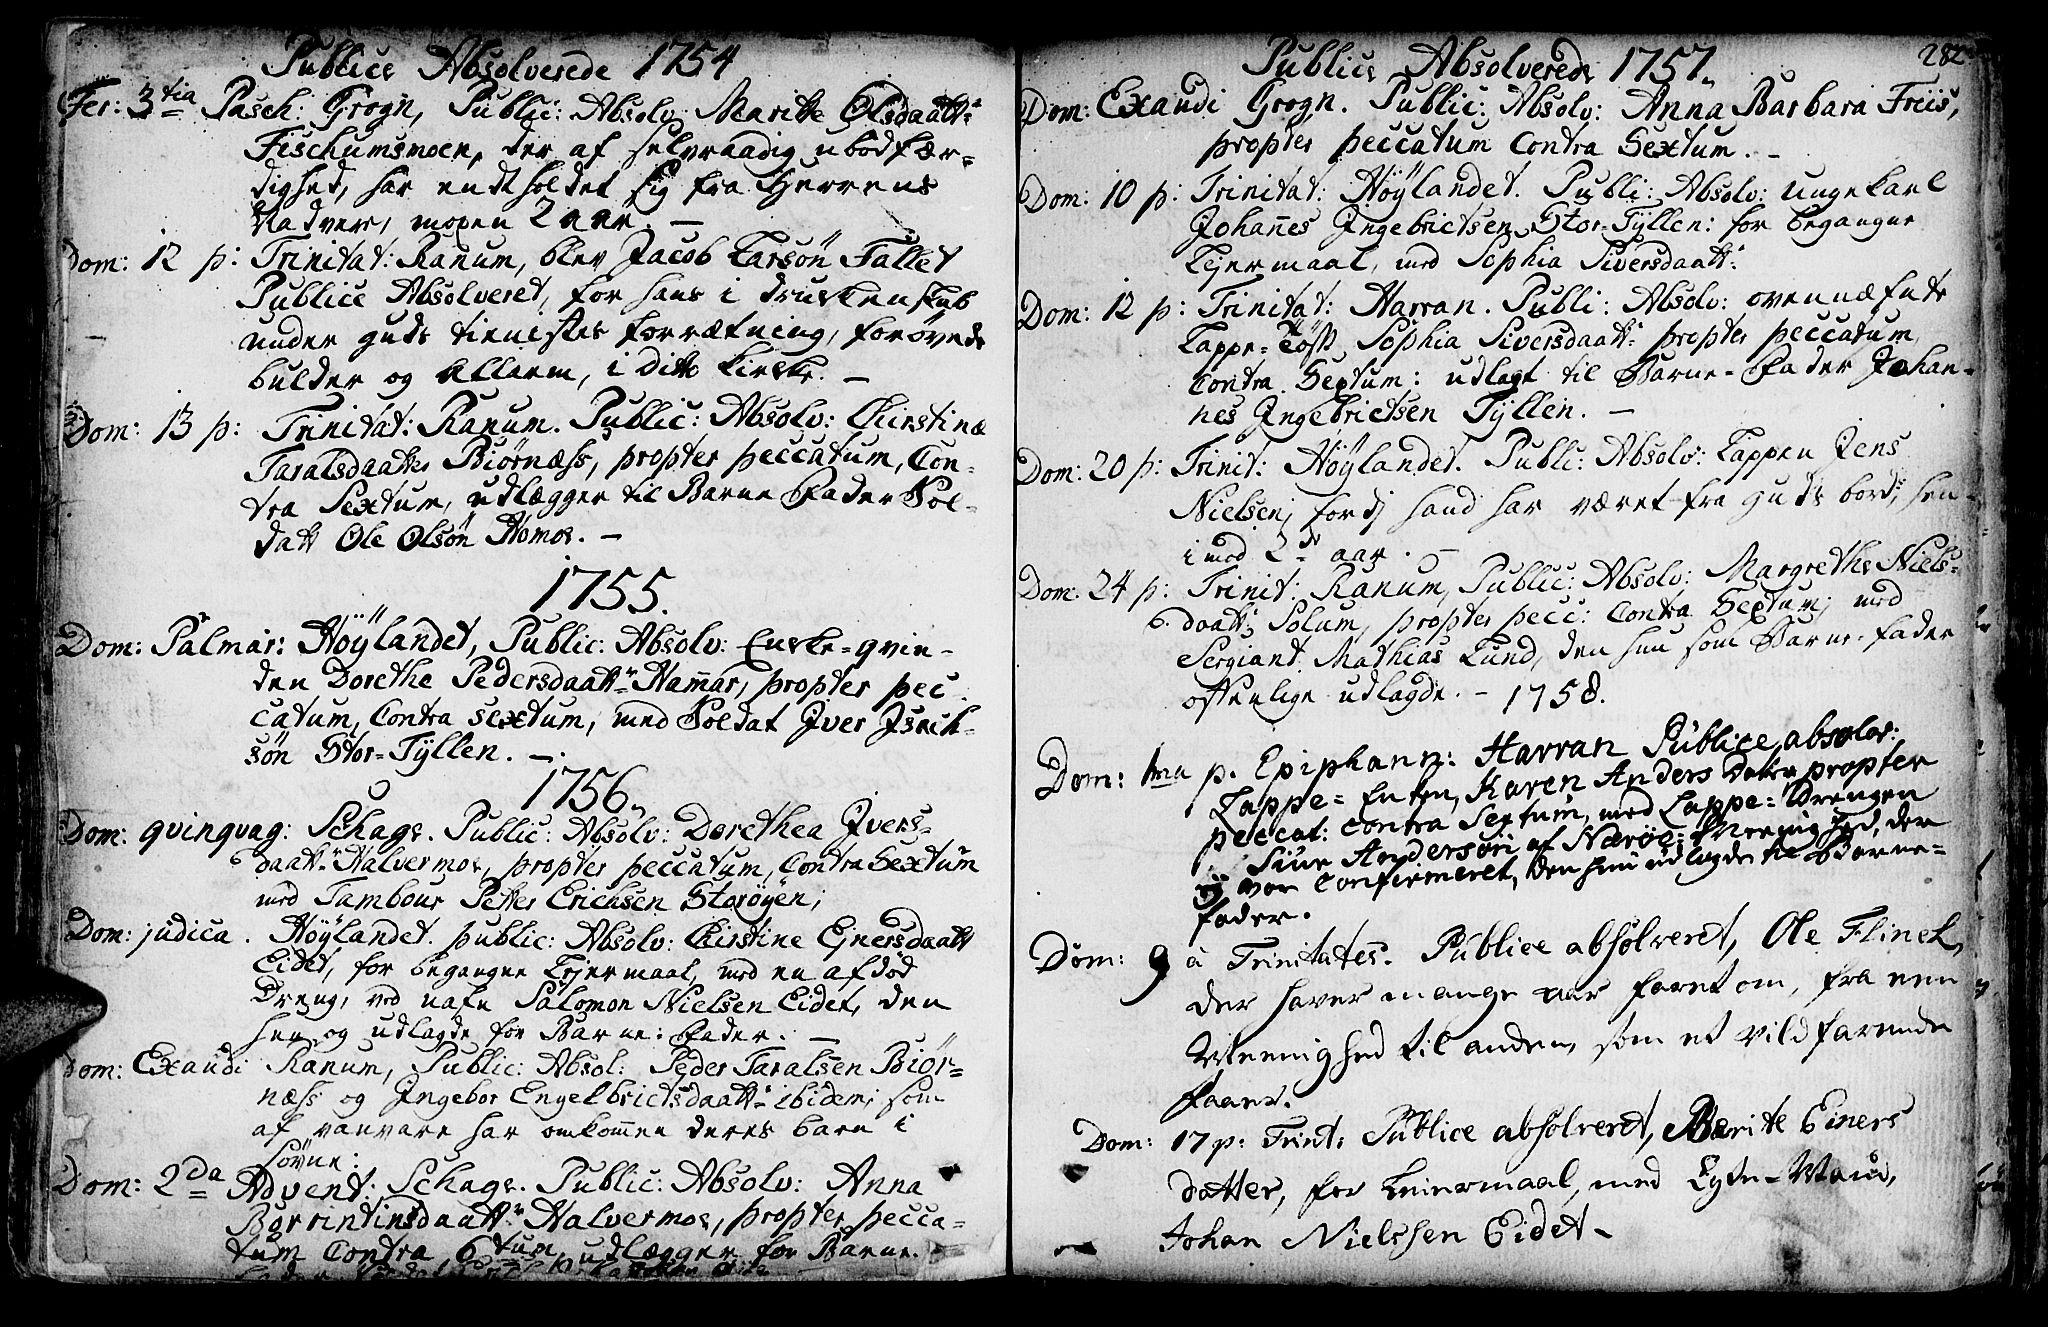 SAT, Ministerialprotokoller, klokkerbøker og fødselsregistre - Nord-Trøndelag, 764/L0542: Ministerialbok nr. 764A02, 1748-1779, s. 282